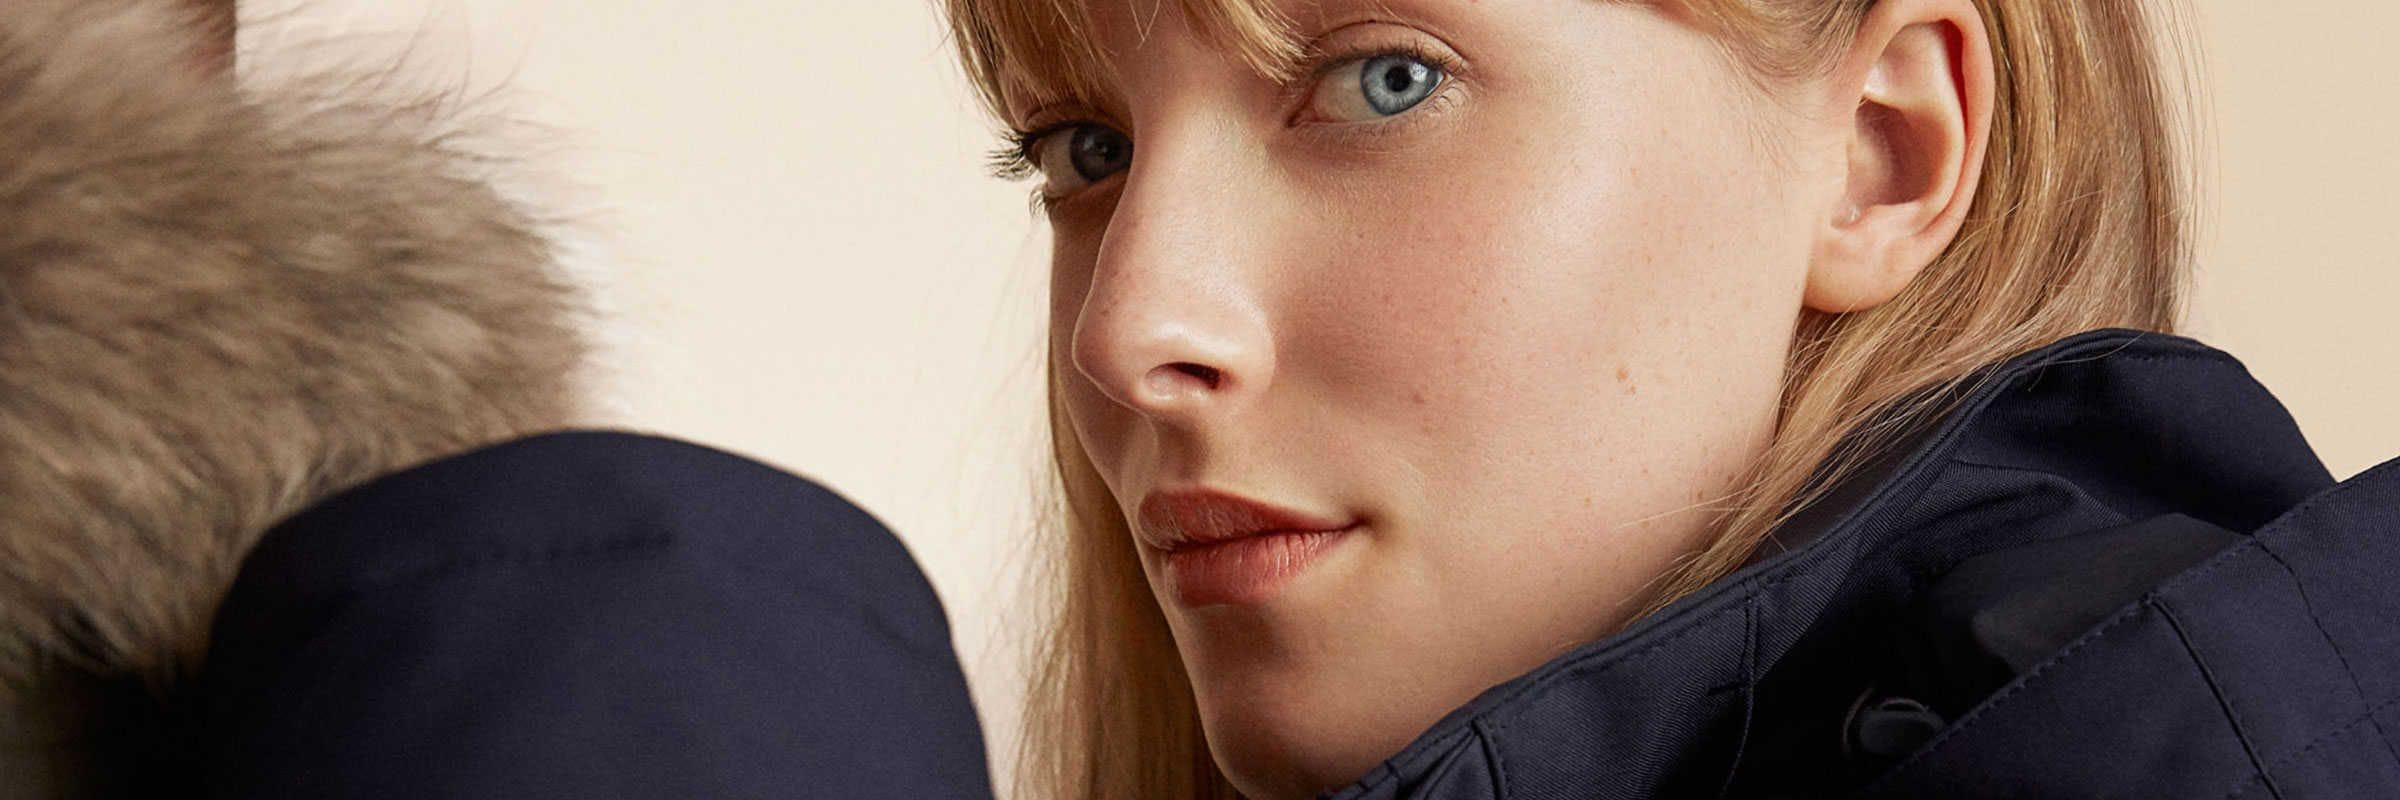 Quartz Co.. Quartz Co. : une marque québécoise de manteaux pour braver l'hiver